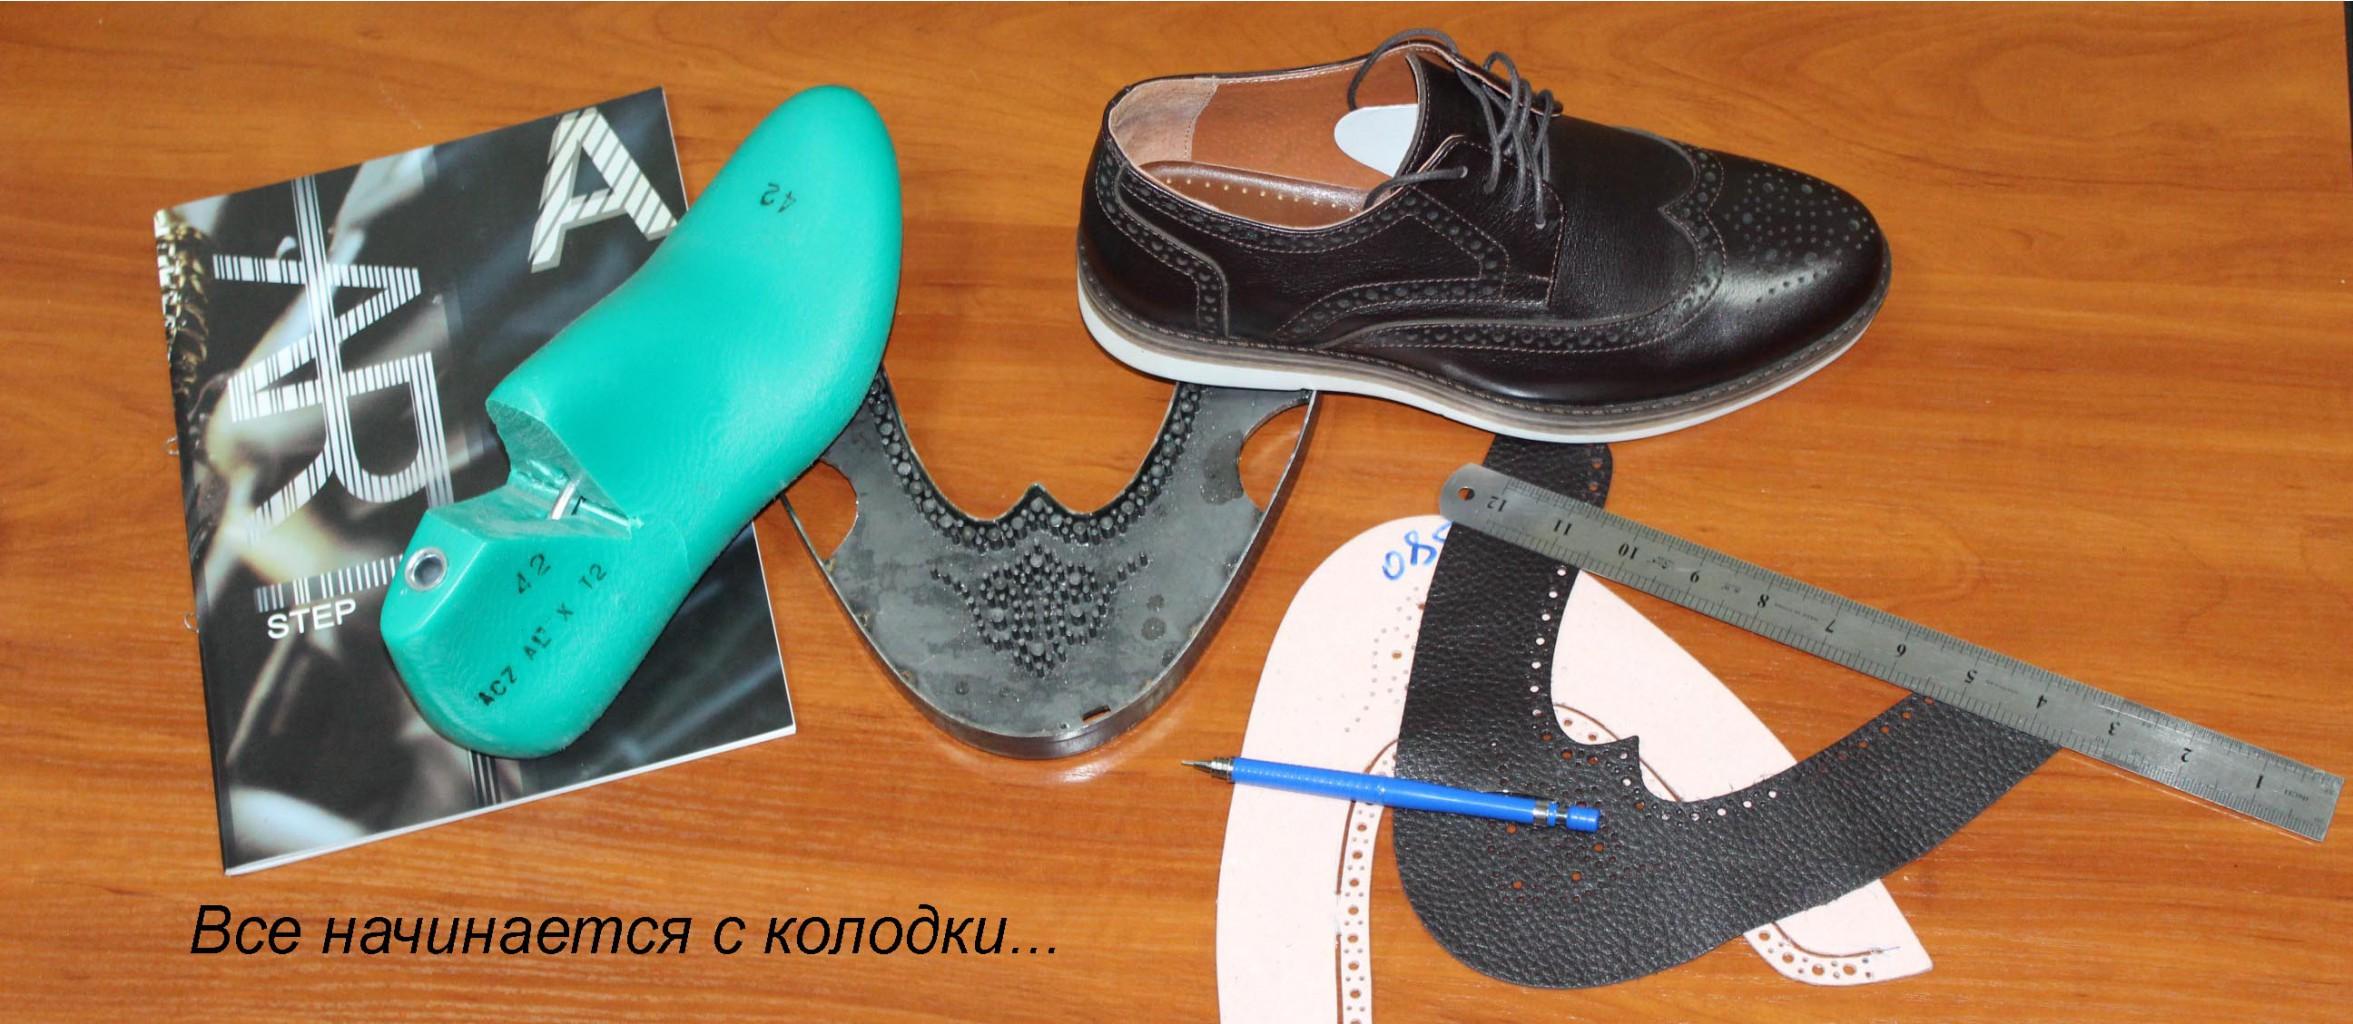 BERTOLI - обувь для настоящих джентльменов и для спортивных юношей! Есть распродажа